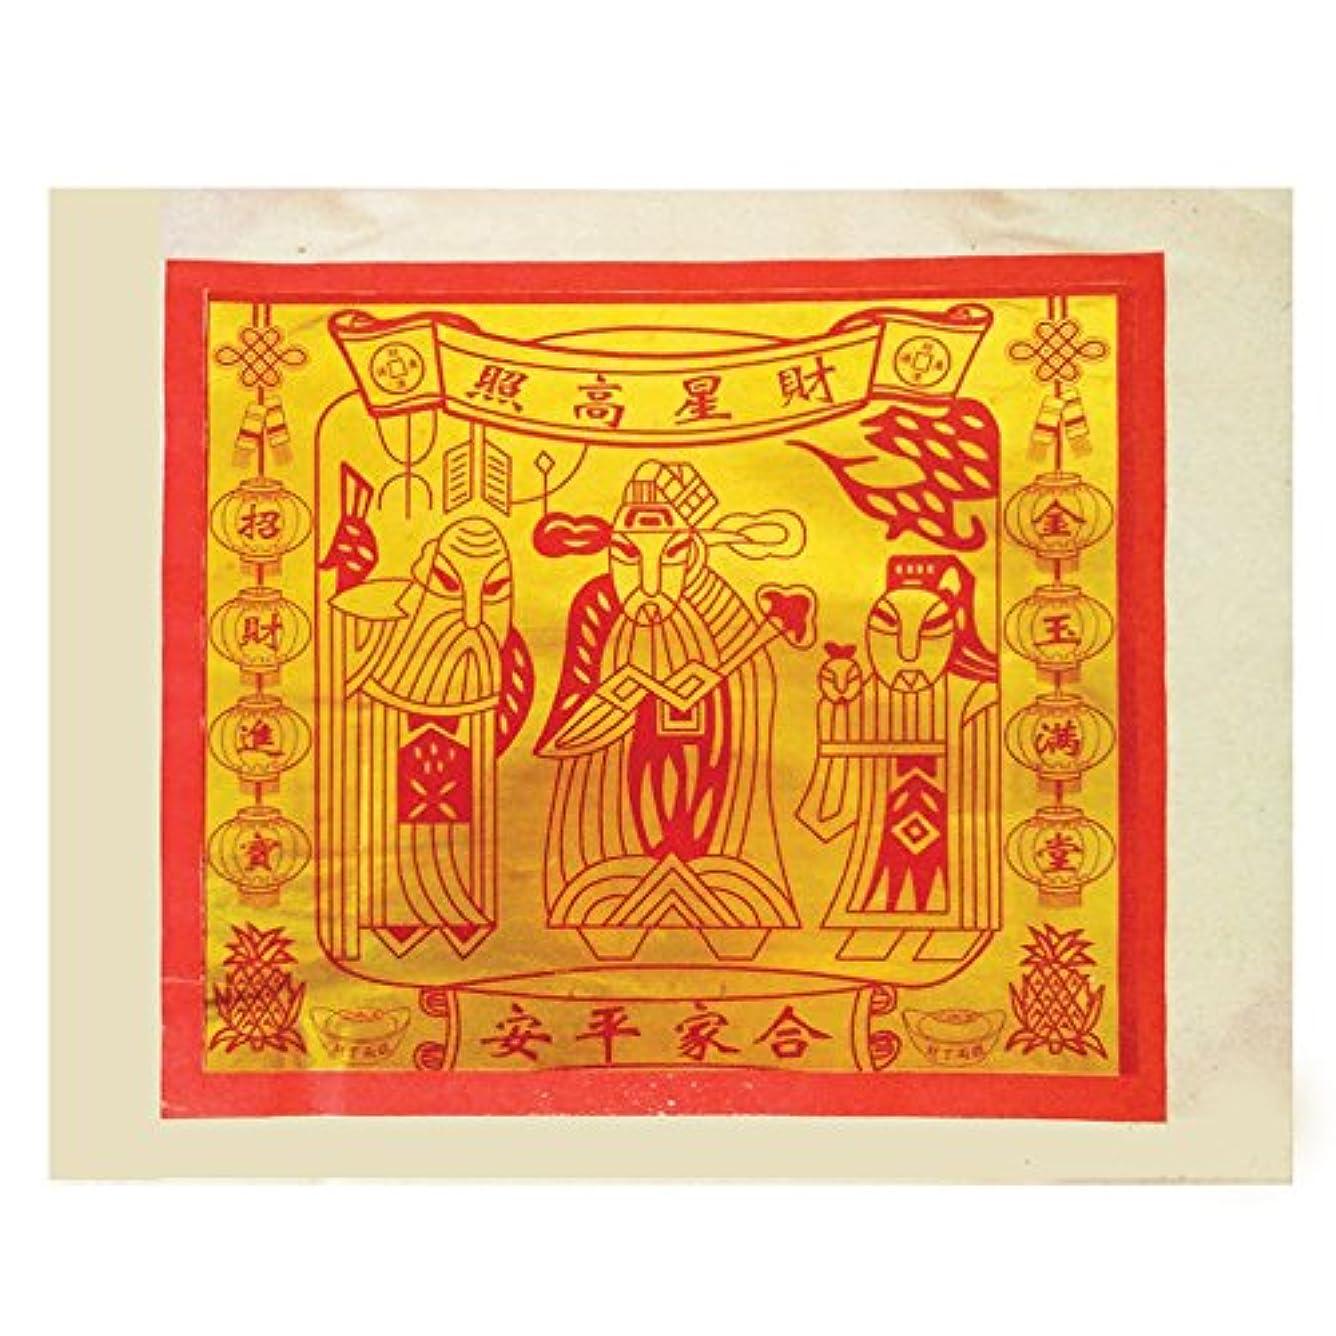 気性キャロライン花束100個Incense用紙/ Joss用紙with High Gradeゴールド箔サイズL15.75インチx 13.25インチ